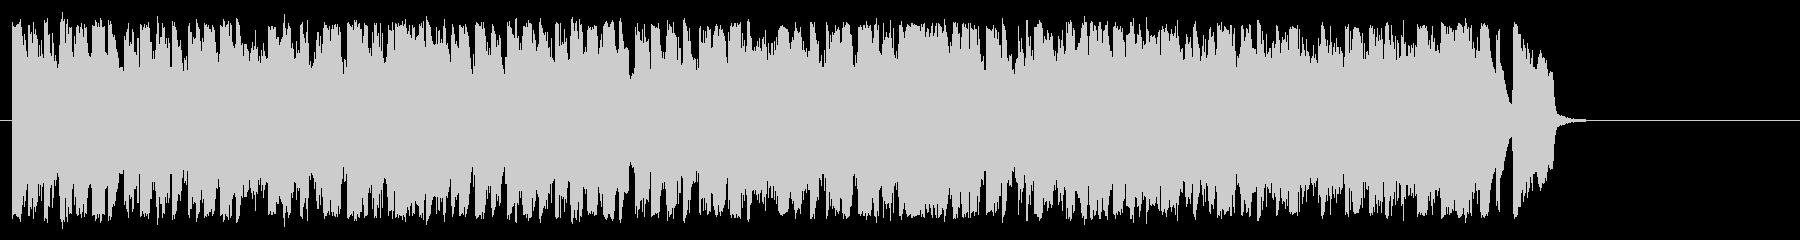 可愛くてポップ 明るいBGMの未再生の波形